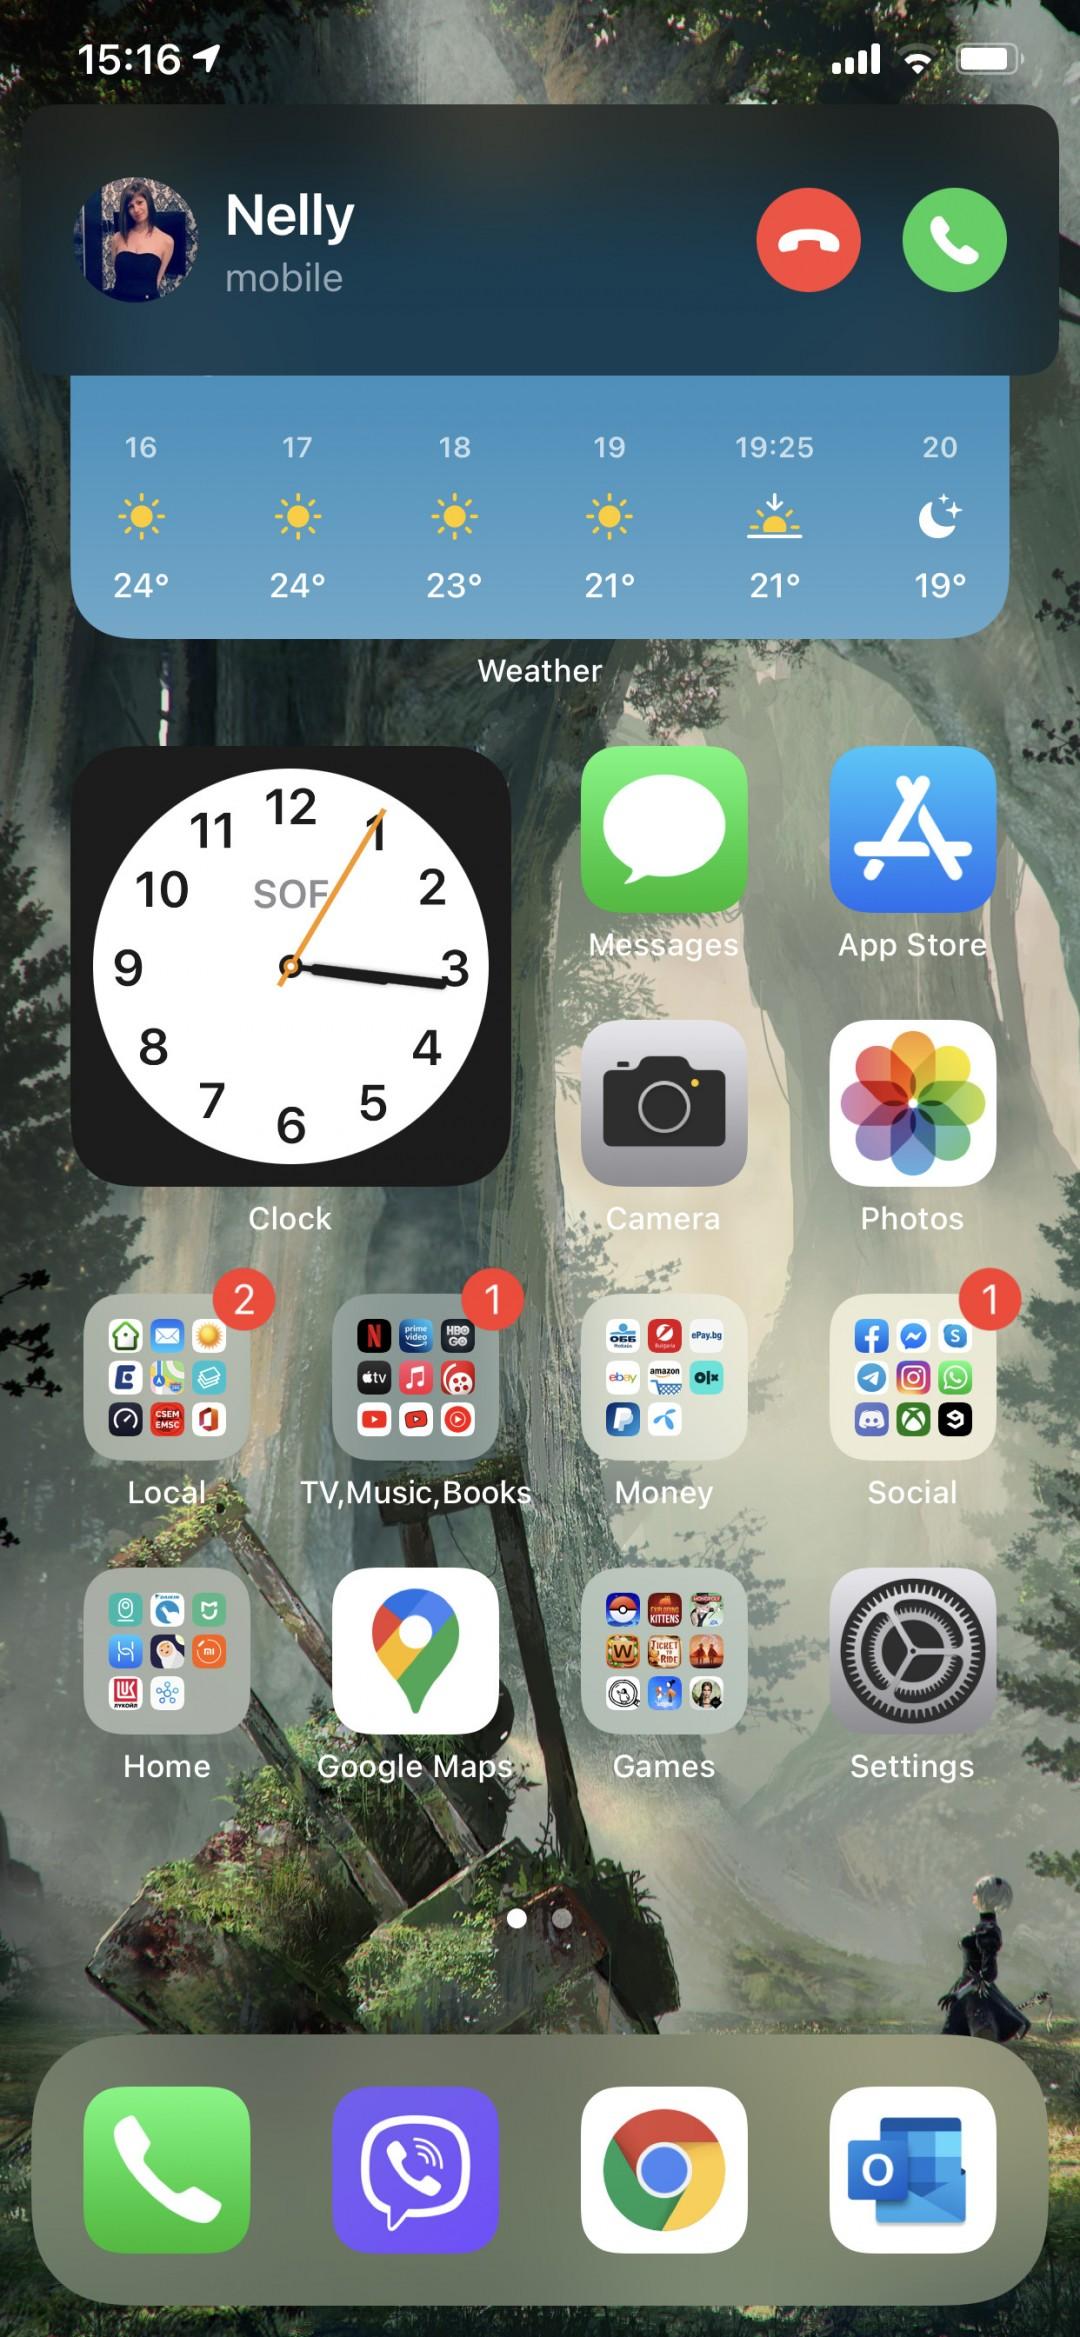 روکیدا | بررسی کامل و تخصصی سیستم عامل iOS 14 اپل: بیشترین تغییرات تا به امروز | ios 14 آیفون, ios 14 بررسی, ios 14 چه ویژگی هایی دارد, آموزش ios 14, امکانات ios 14, خصوصیات ios 14, راهنمای ios 14, سیستم عامل iOS 14, قابلیت های ios 14, مشخصات ios 14, نکات ios 14, همه چیز درباره ios 14, ویژگی های ios 14